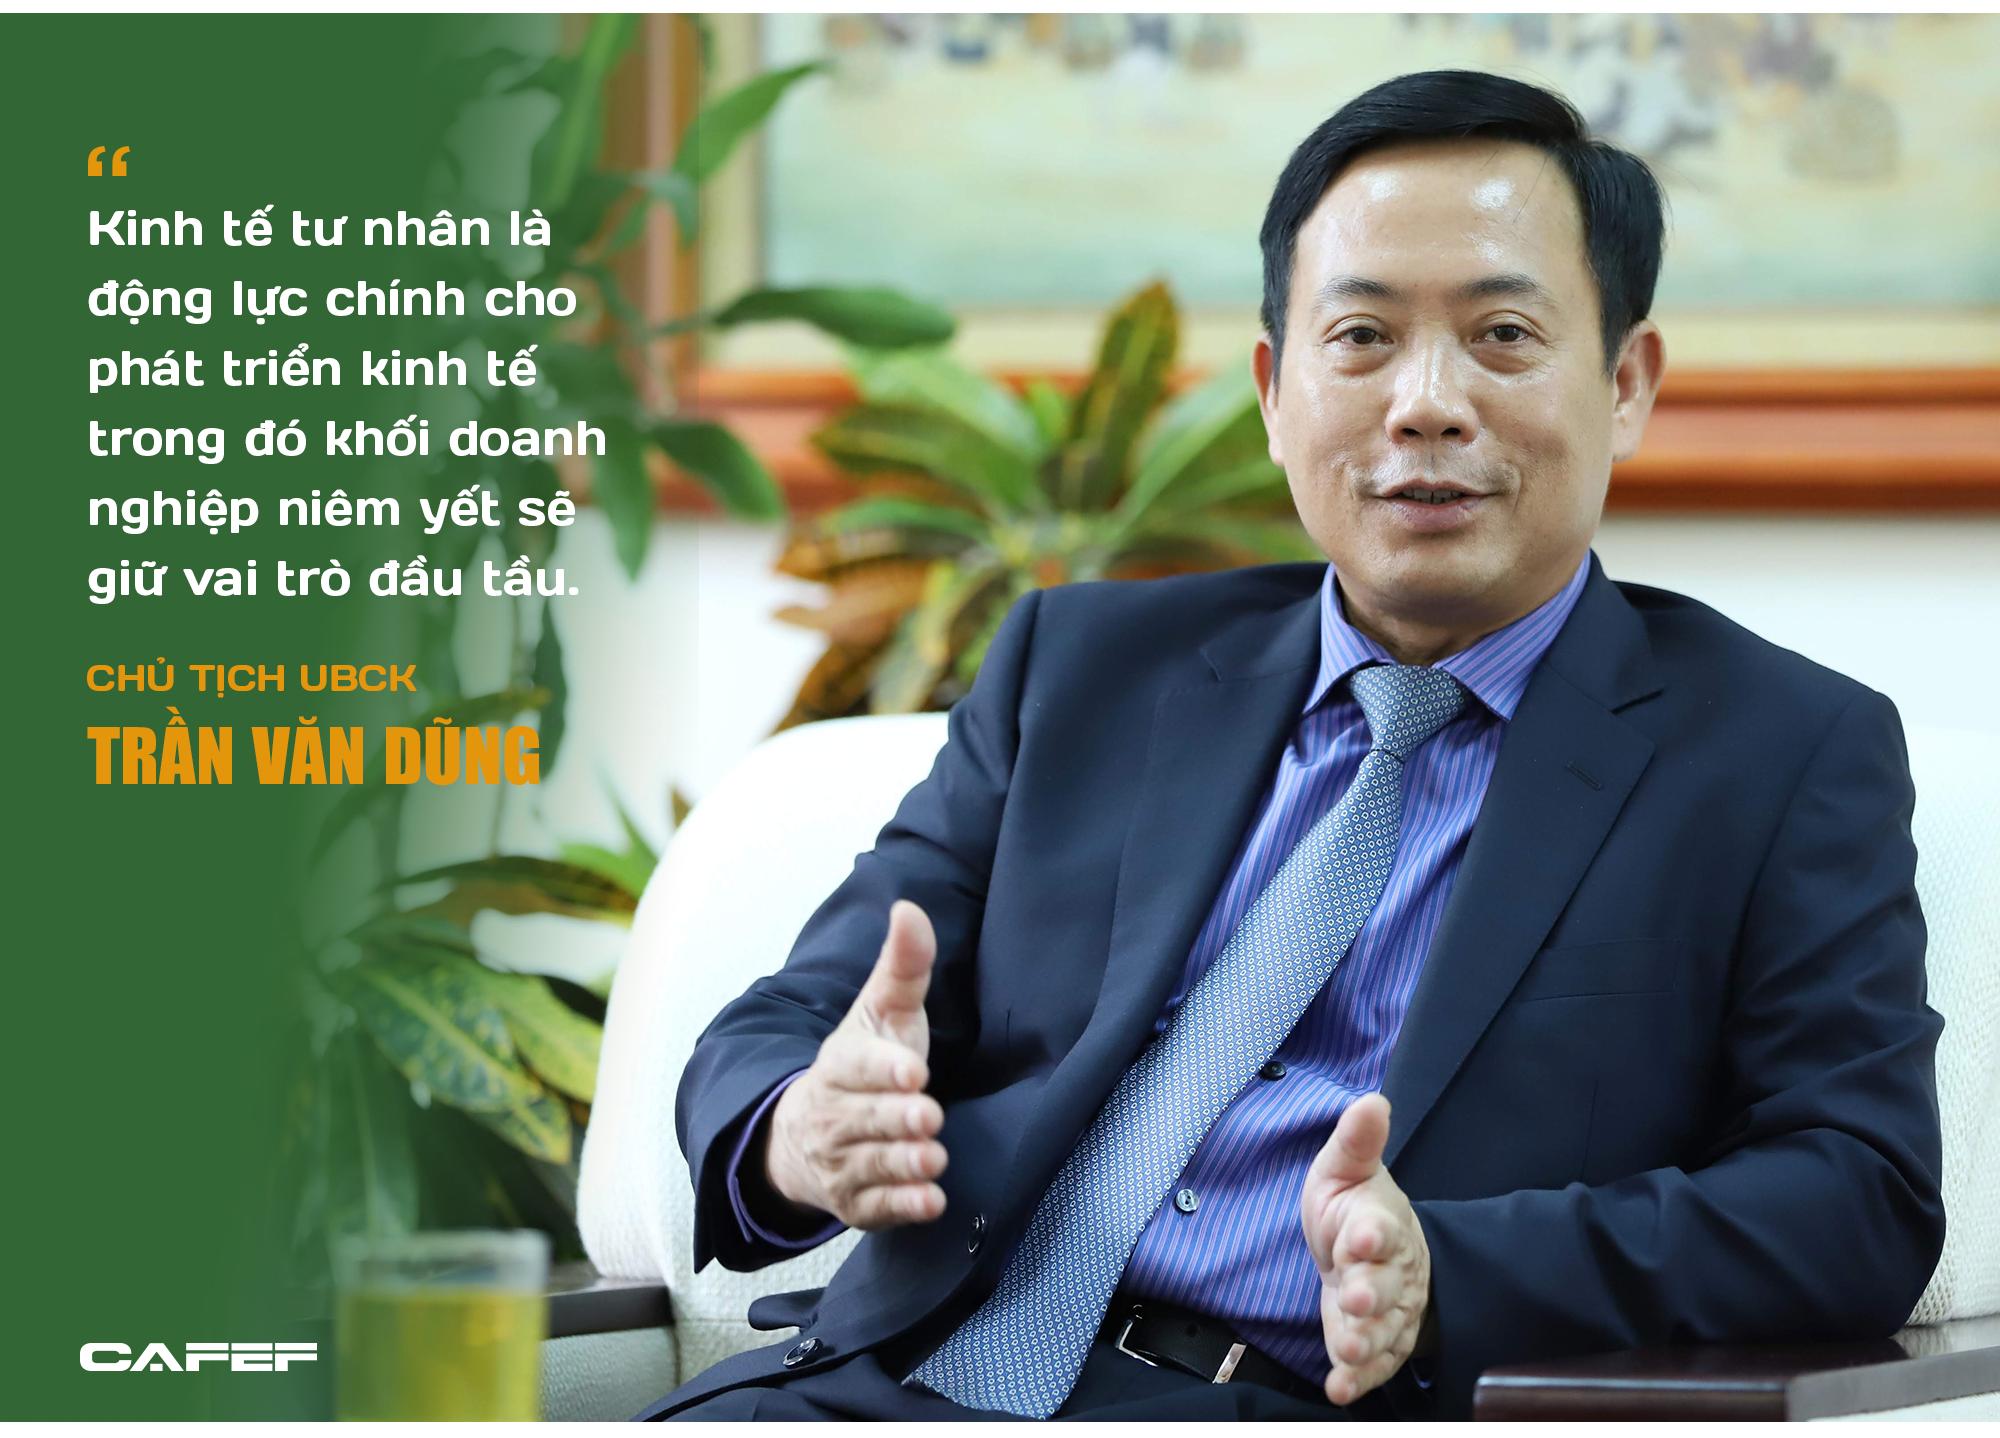 Chủ tịch UBCK Trần Văn Dũng: Tôi tin rằng TTCK Việt Nam được nâng hạng trước 2023 là tương đối chắc chắn - Ảnh 7.